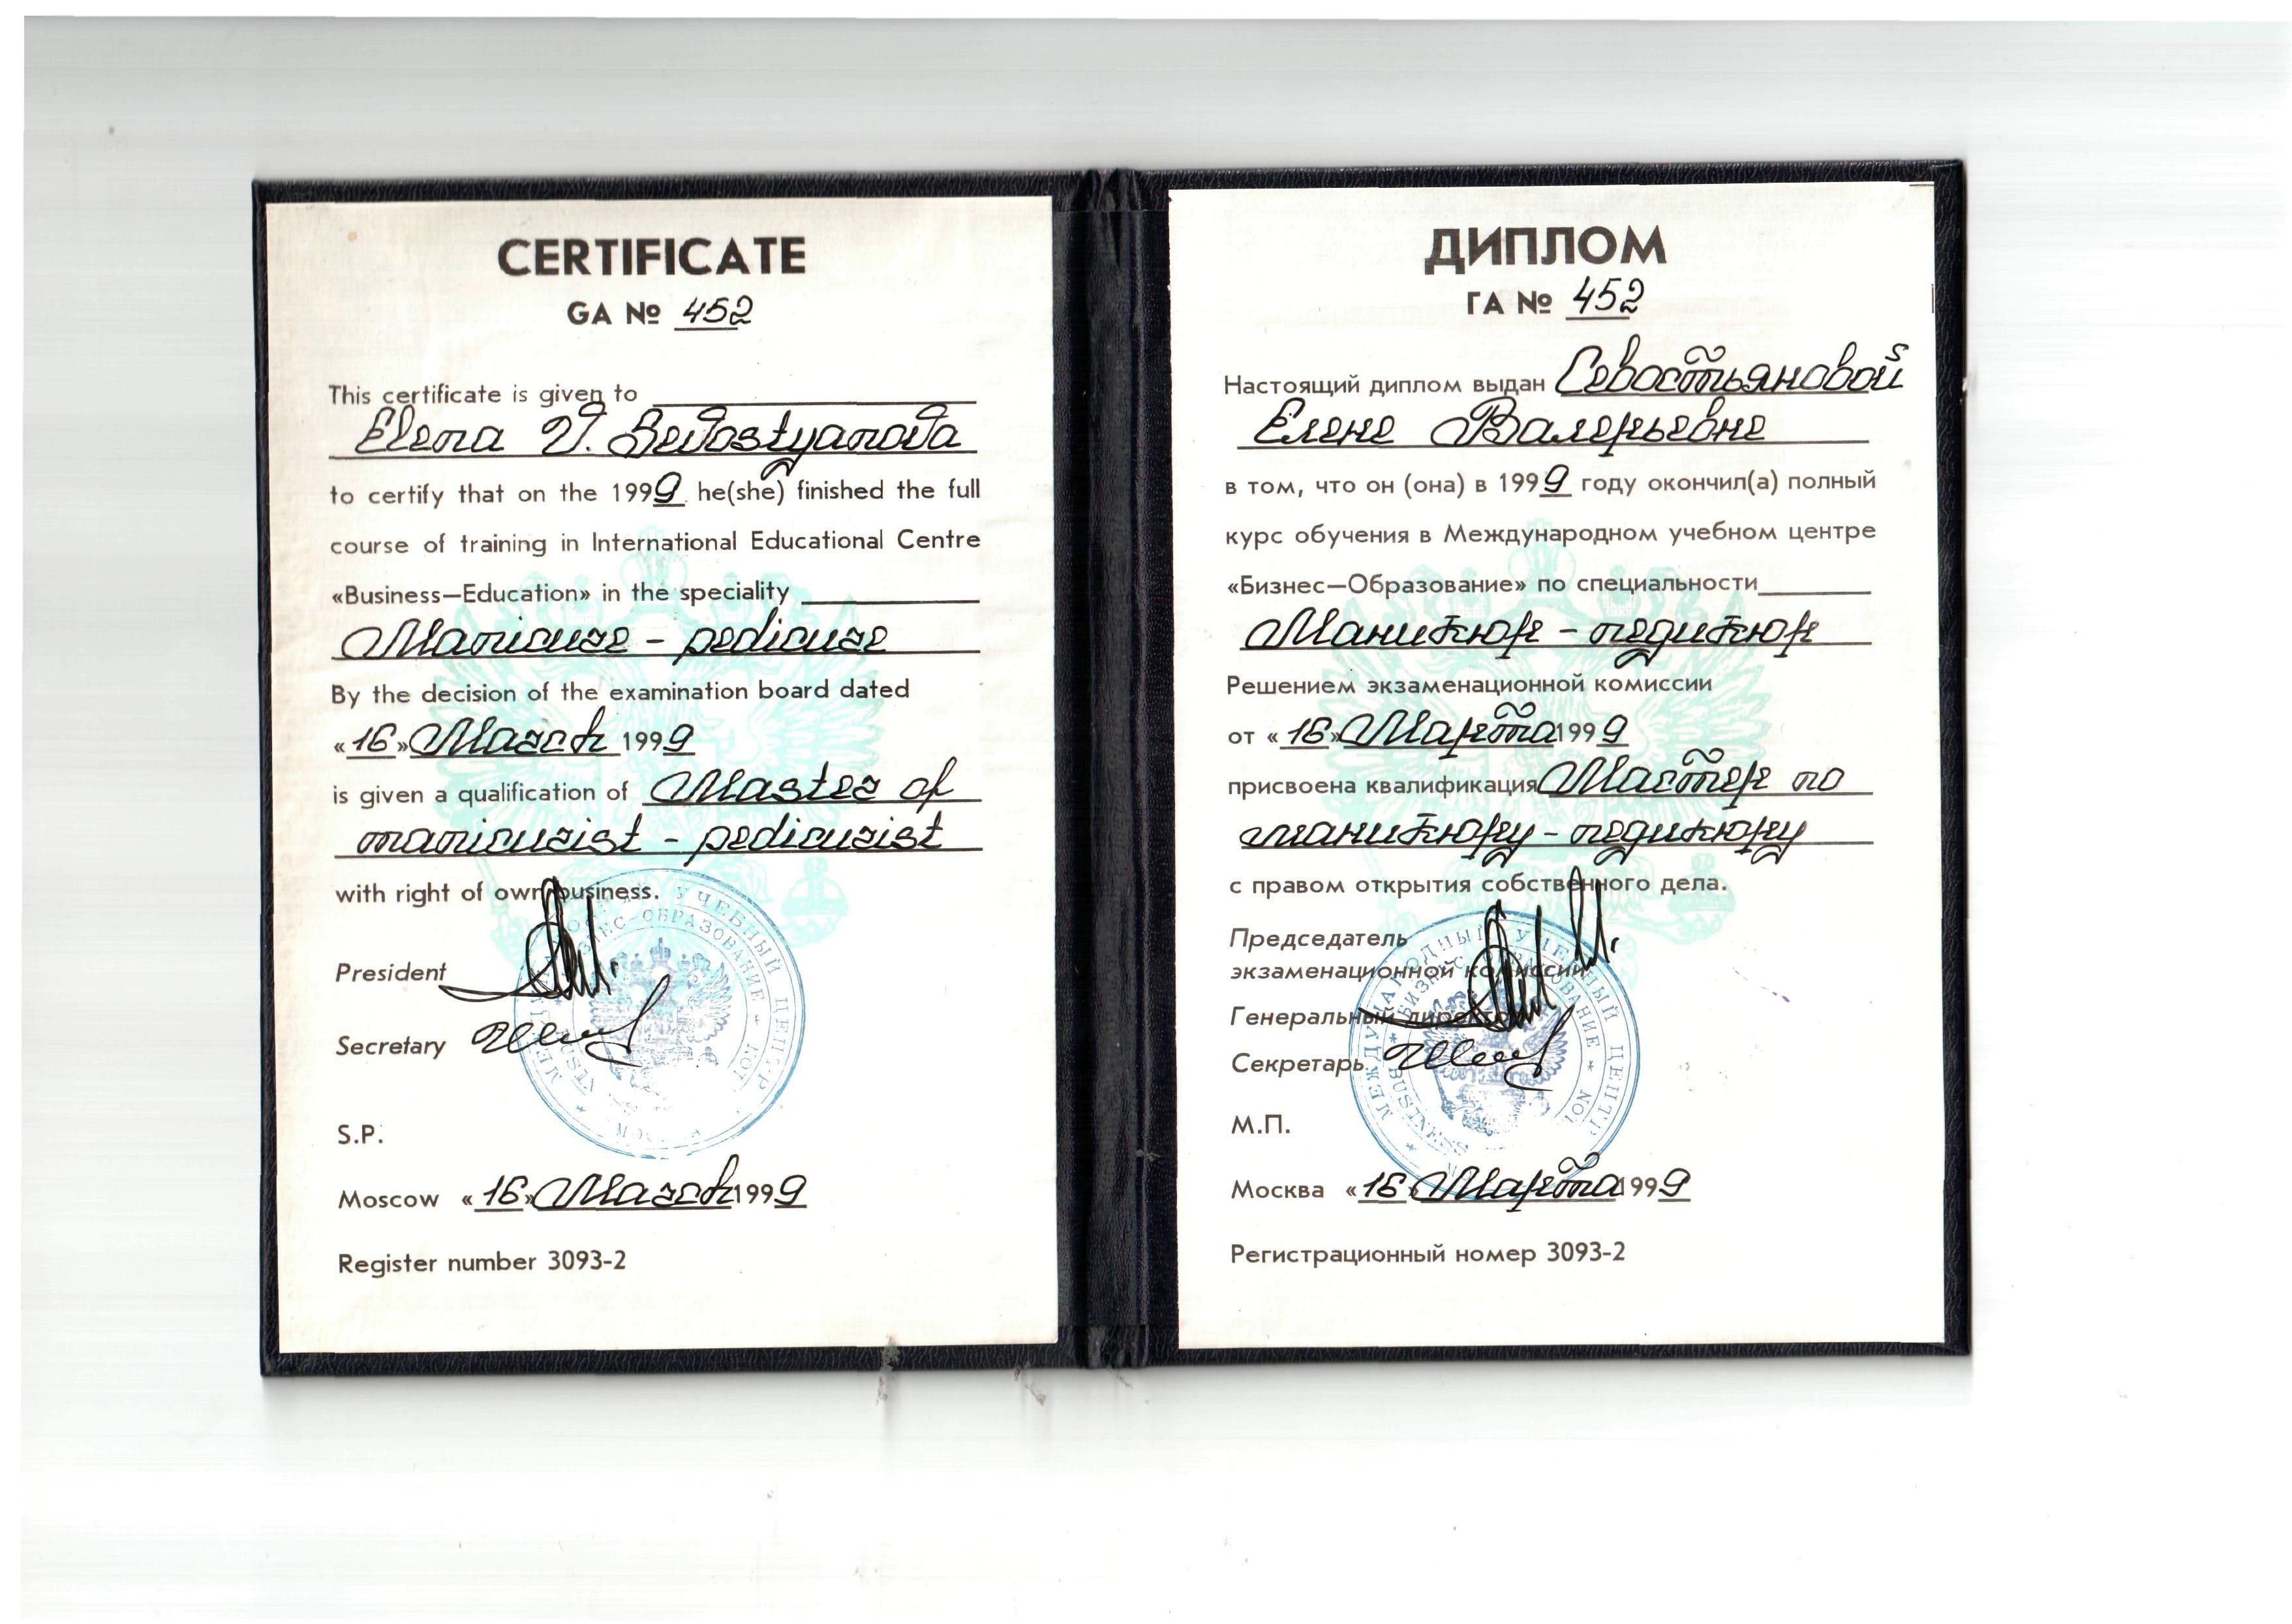 1999 диплом